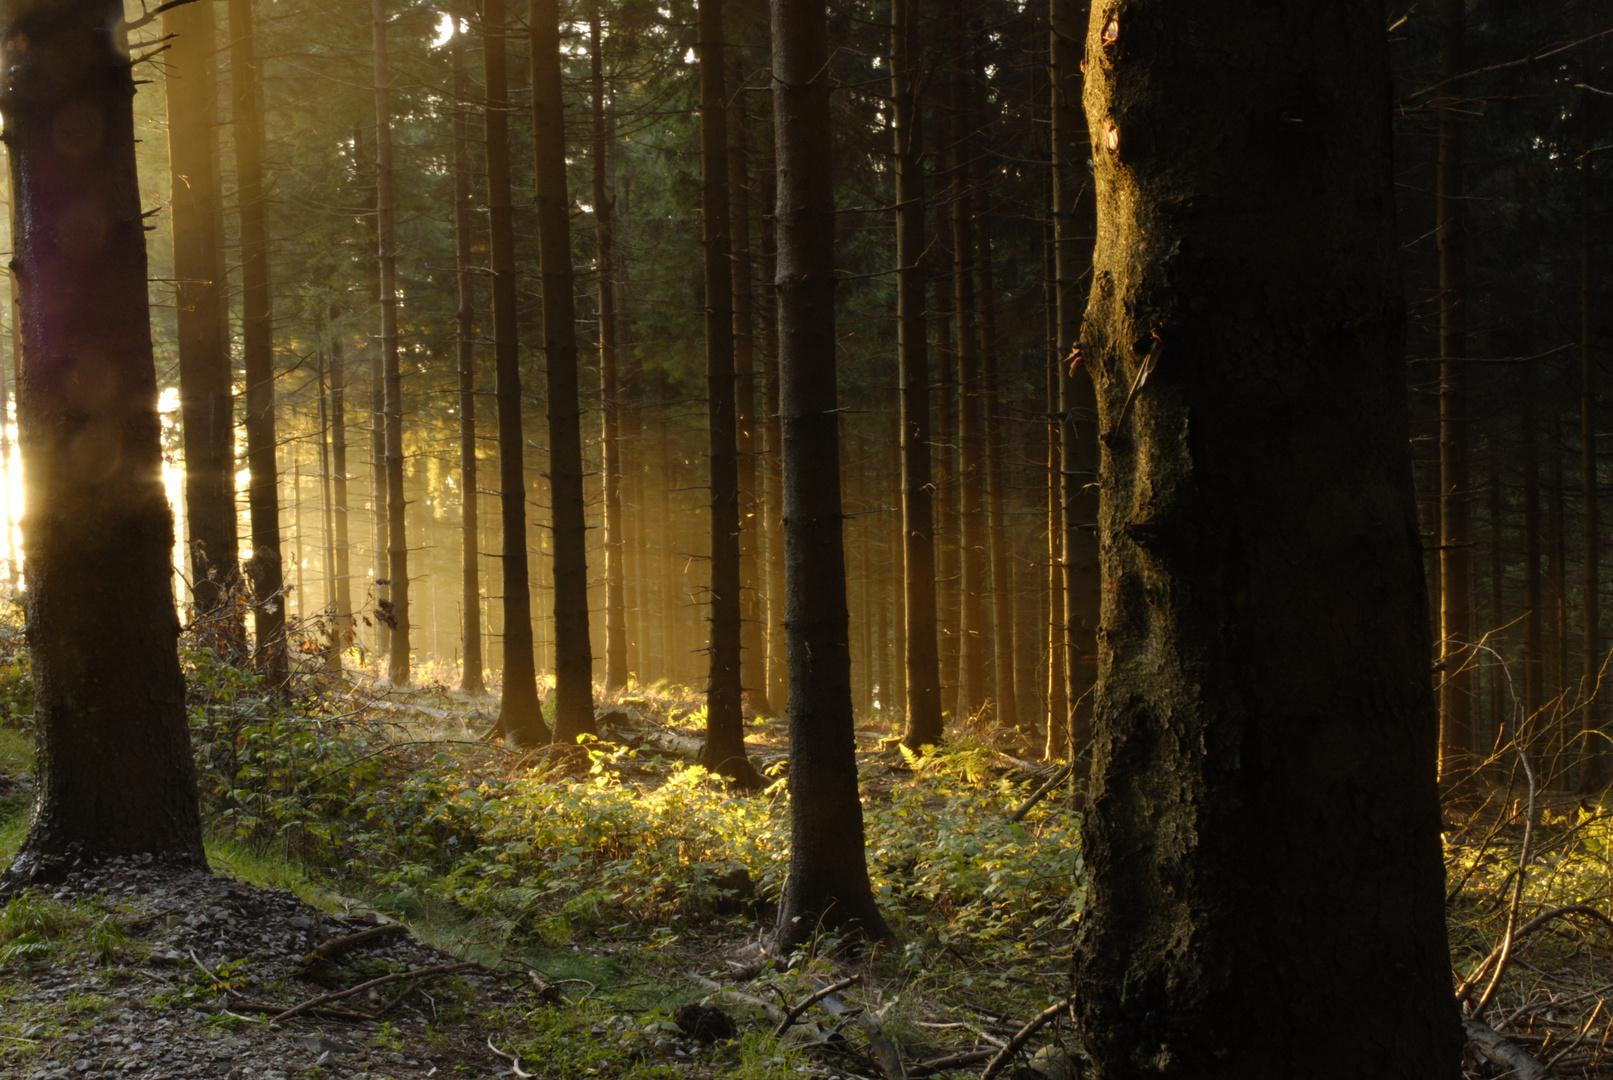 Sonnenuntergang am herbstlichen Feldberg (Taunus)